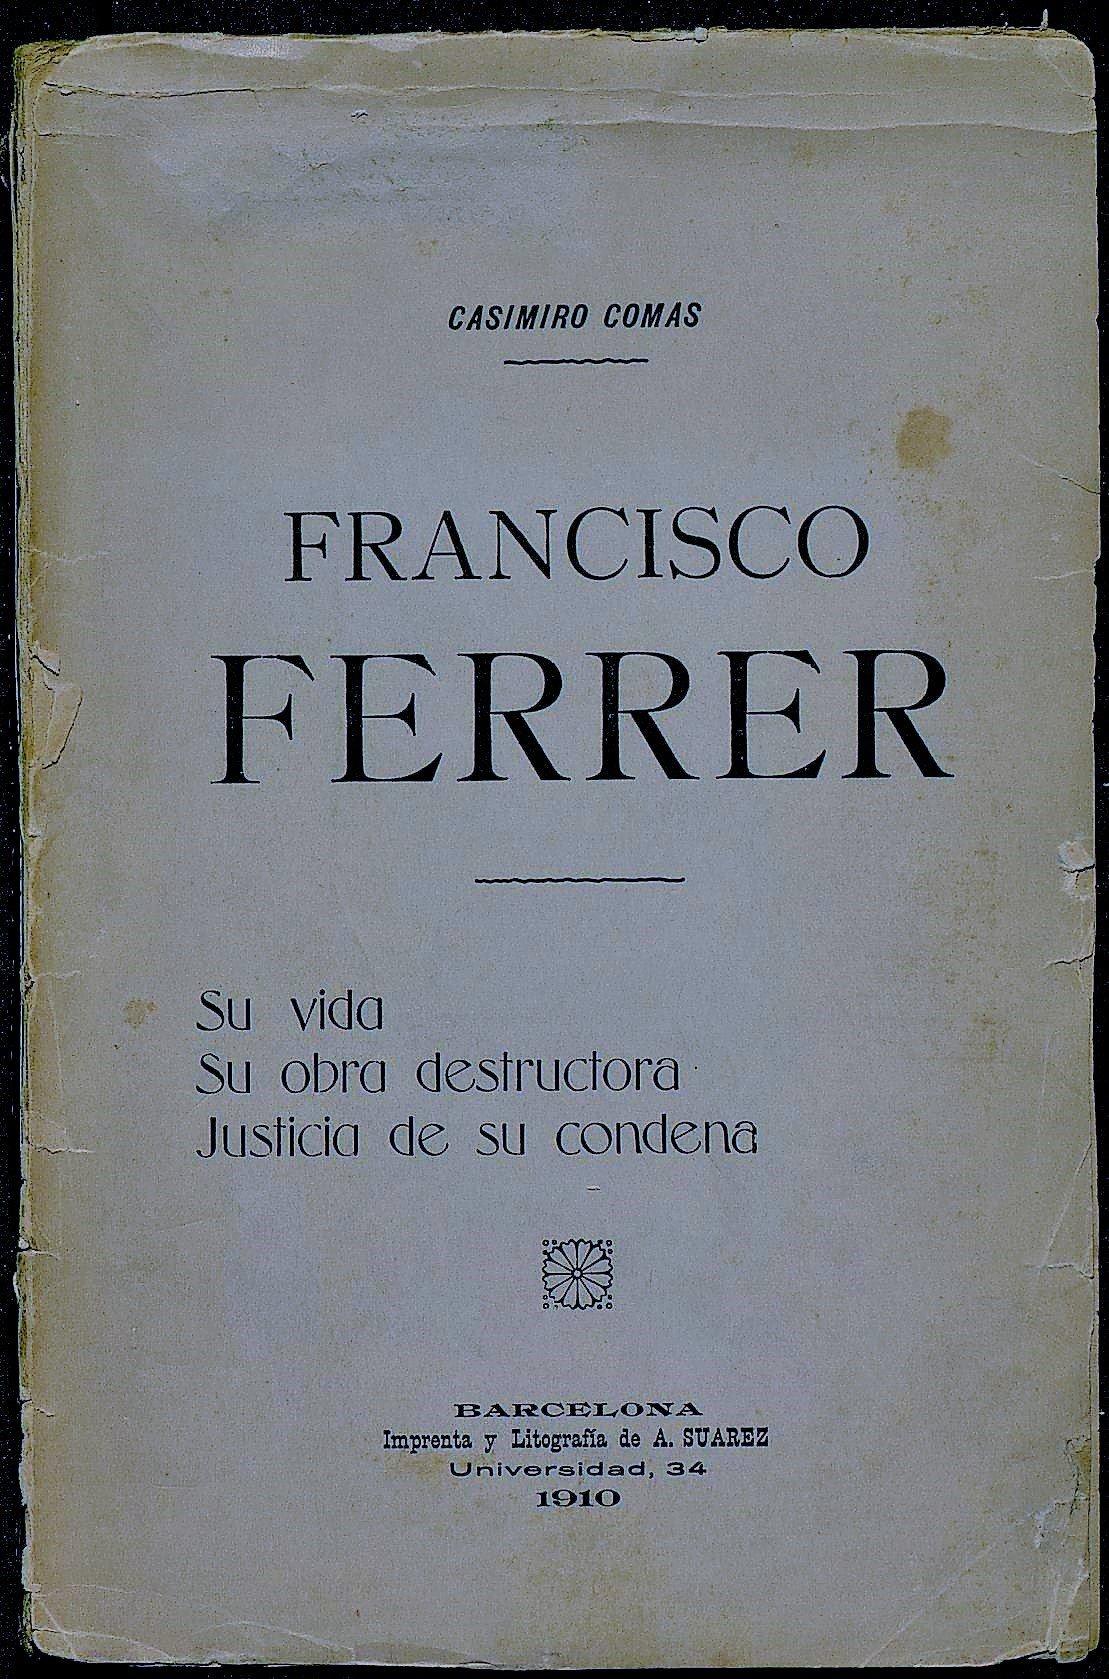 Francisco Ferrer. Su vida. Su obra destructora. Justicia de su condena.